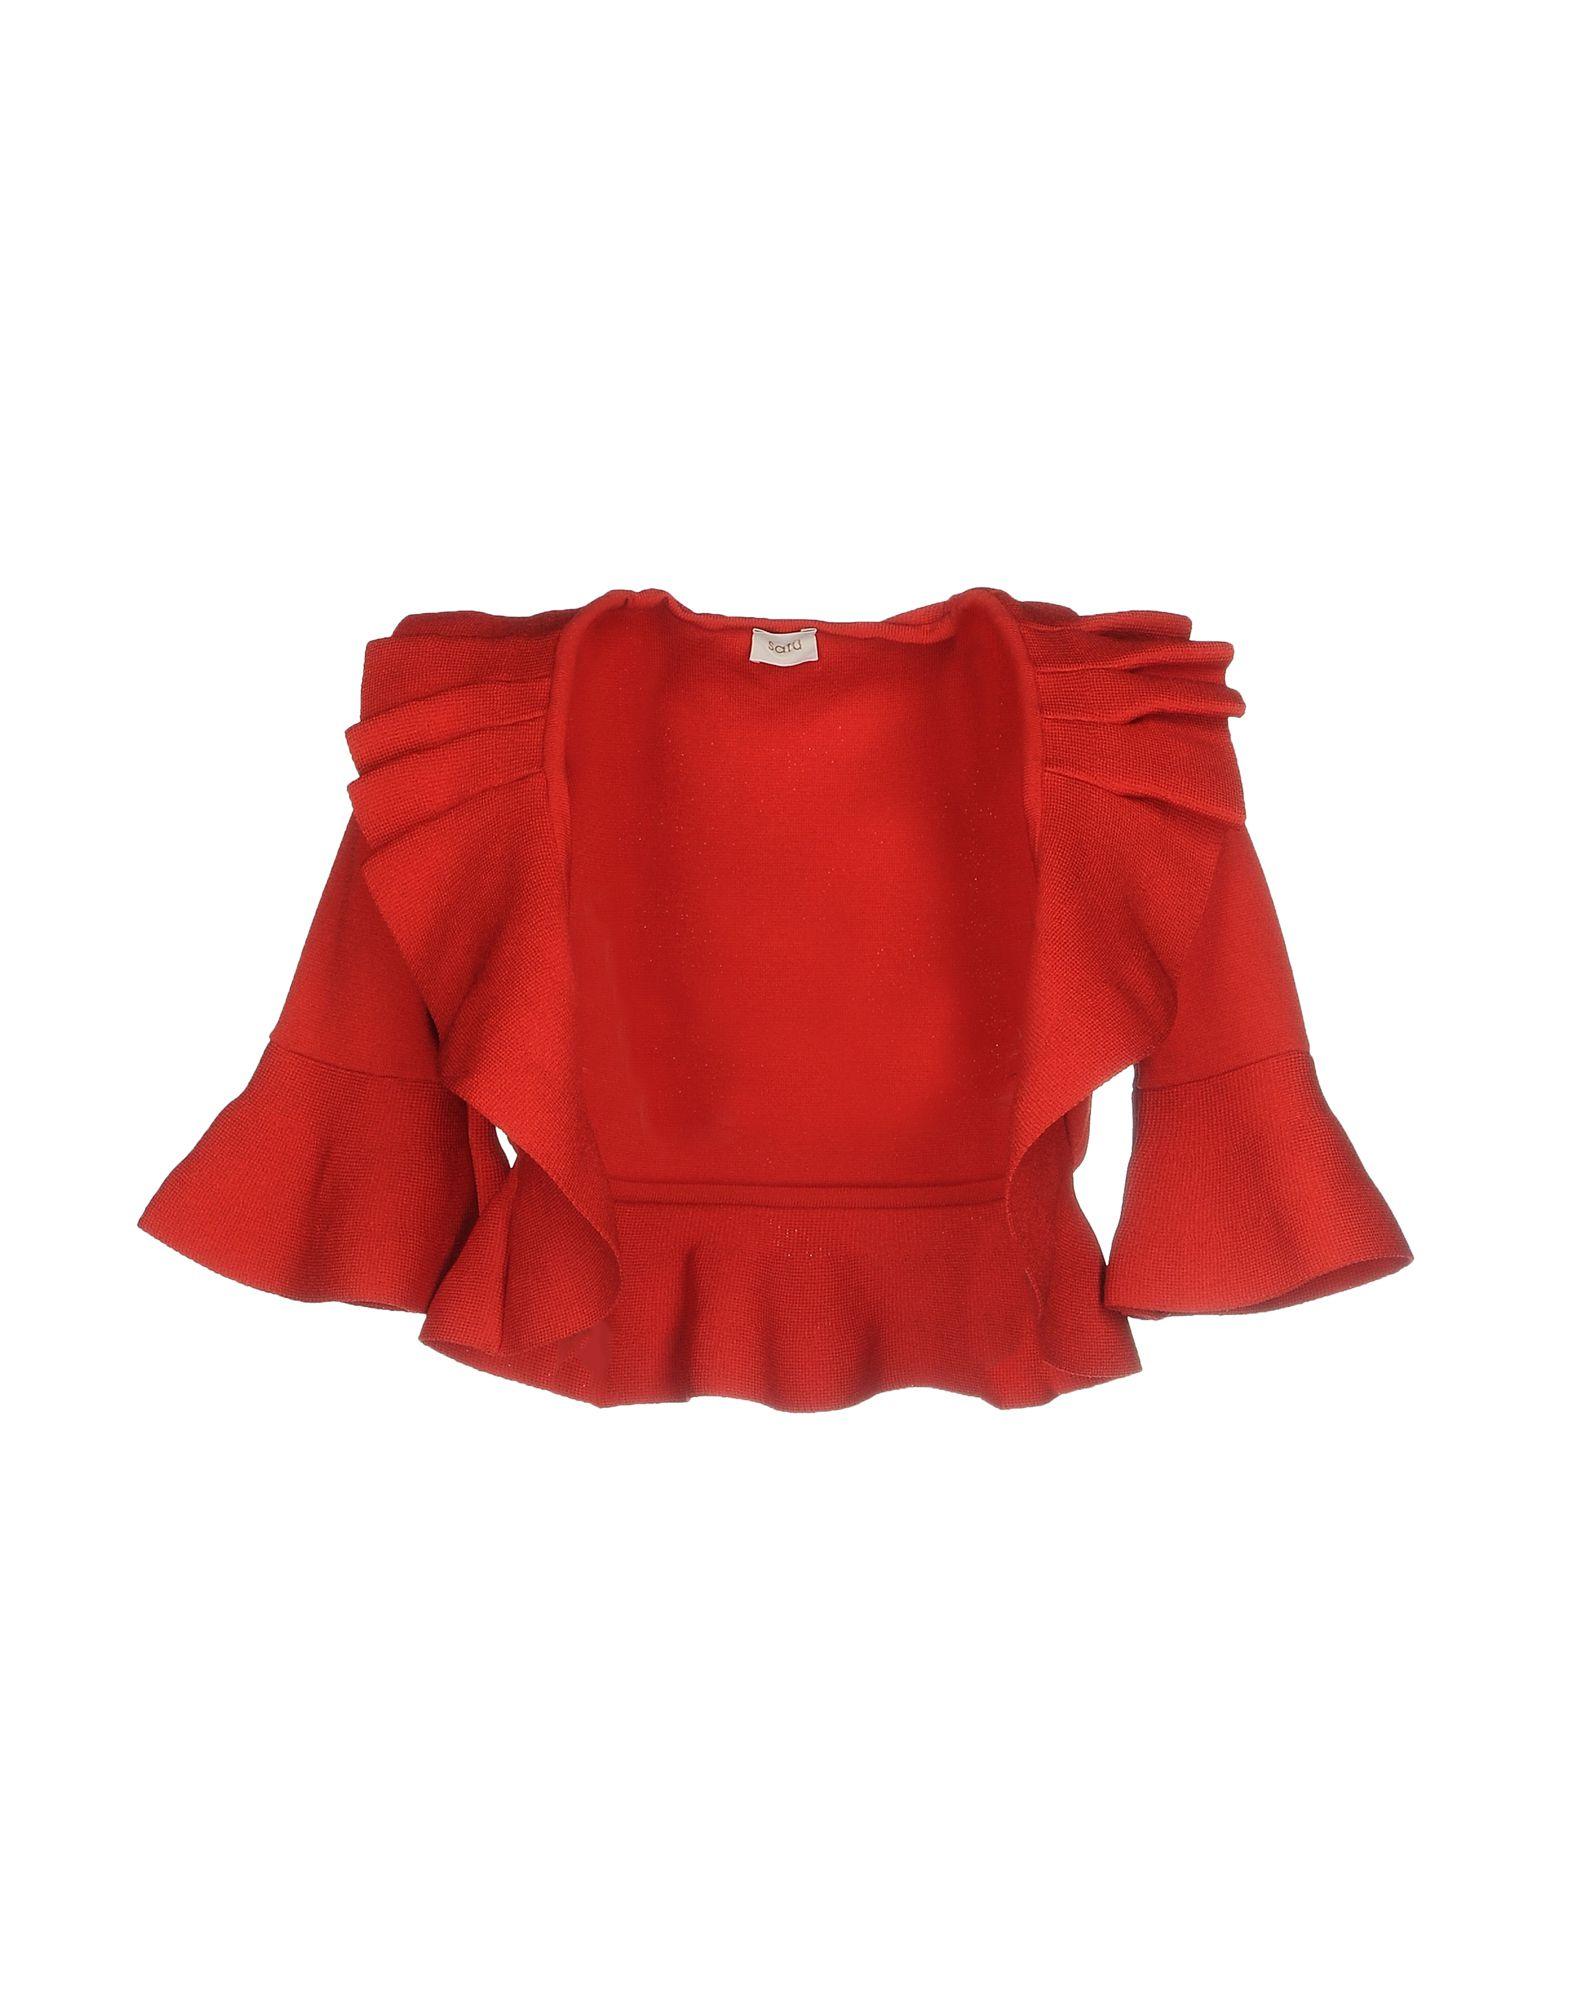 SATU´ Damen Bolero Farbe Rot Größe 4